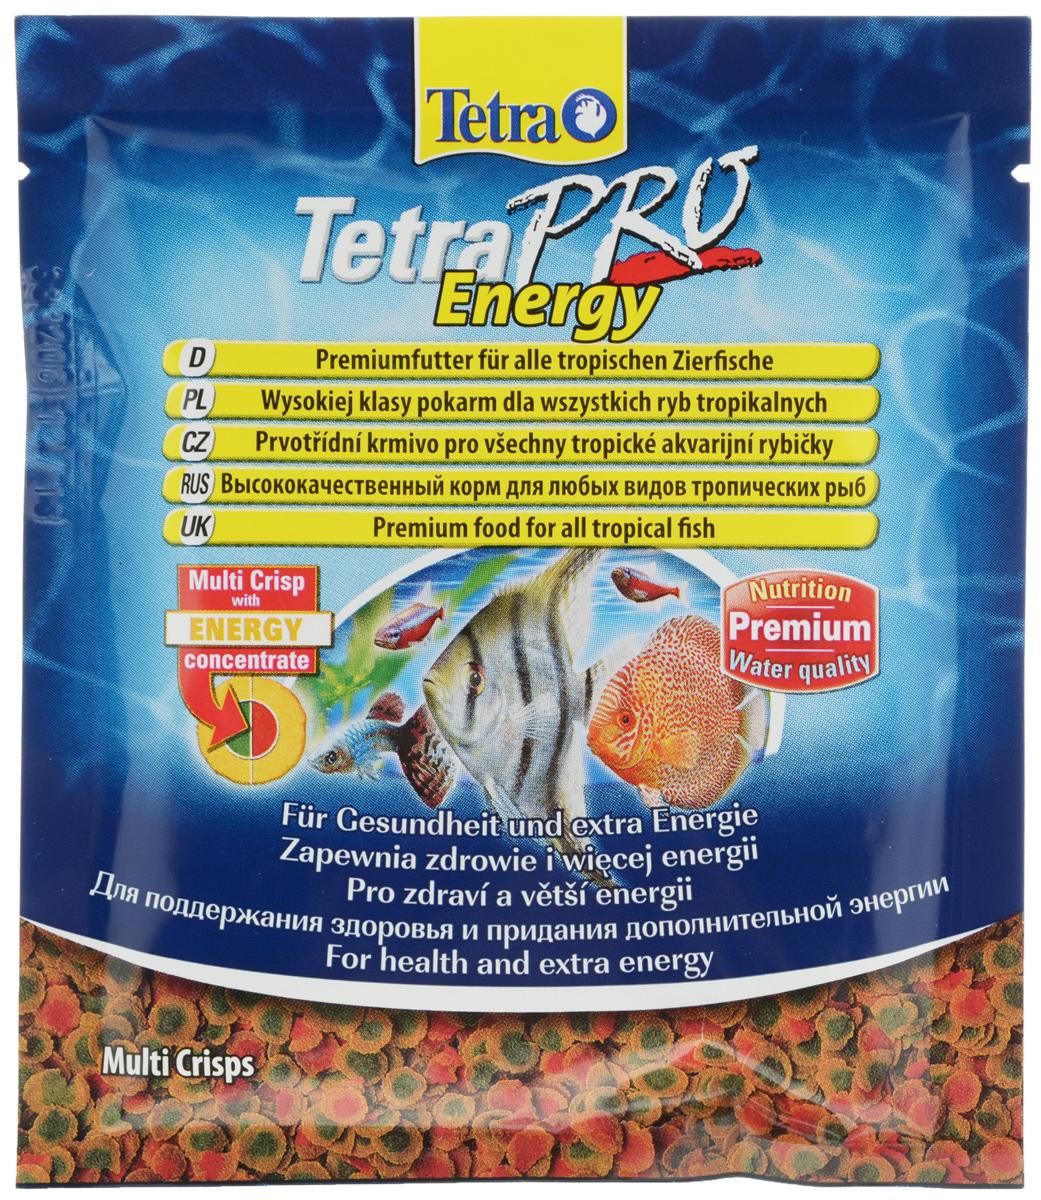 Корм Tetra TetraPro. Energy для всех видов тропических рыб, чипсы, 12 г149335Полноценный высококачественный корм Tetra TetraPro. Energy для всех видов тропических рыб разработан для поддержания здоровья и придания дополнительной энергии. Особенности Tetra TetraPro. Energy: - щадящая низкотемпературная технология изготовления обеспечивает высокую питательную ценность и стабильность витаминов; - энергетический концентрат для дополнительной энергии; - инновационная форма чипсов для минимального загрязнения воды отходами; - легкое кормление. Рекомендации по кормлению: кормить несколько раз в день маленькими порциями. Состав: рыба и побочные рыбные продукты, зерновые культуры, экстракты растительного белка, дрожжи, моллюски и раки, масла и жиры, водоросли, сахар. Аналитические компоненты: сырой белок - 46%, сырые масла и жиры - 12%, сырая клетчатка - 2,0%, влага - 9%. Добавки: витамины, провитамины и химические вещества с аналогичным воздействием: витамин А 29880 МЕ/кг, витамин Д3 1865 МЕ/кг,...